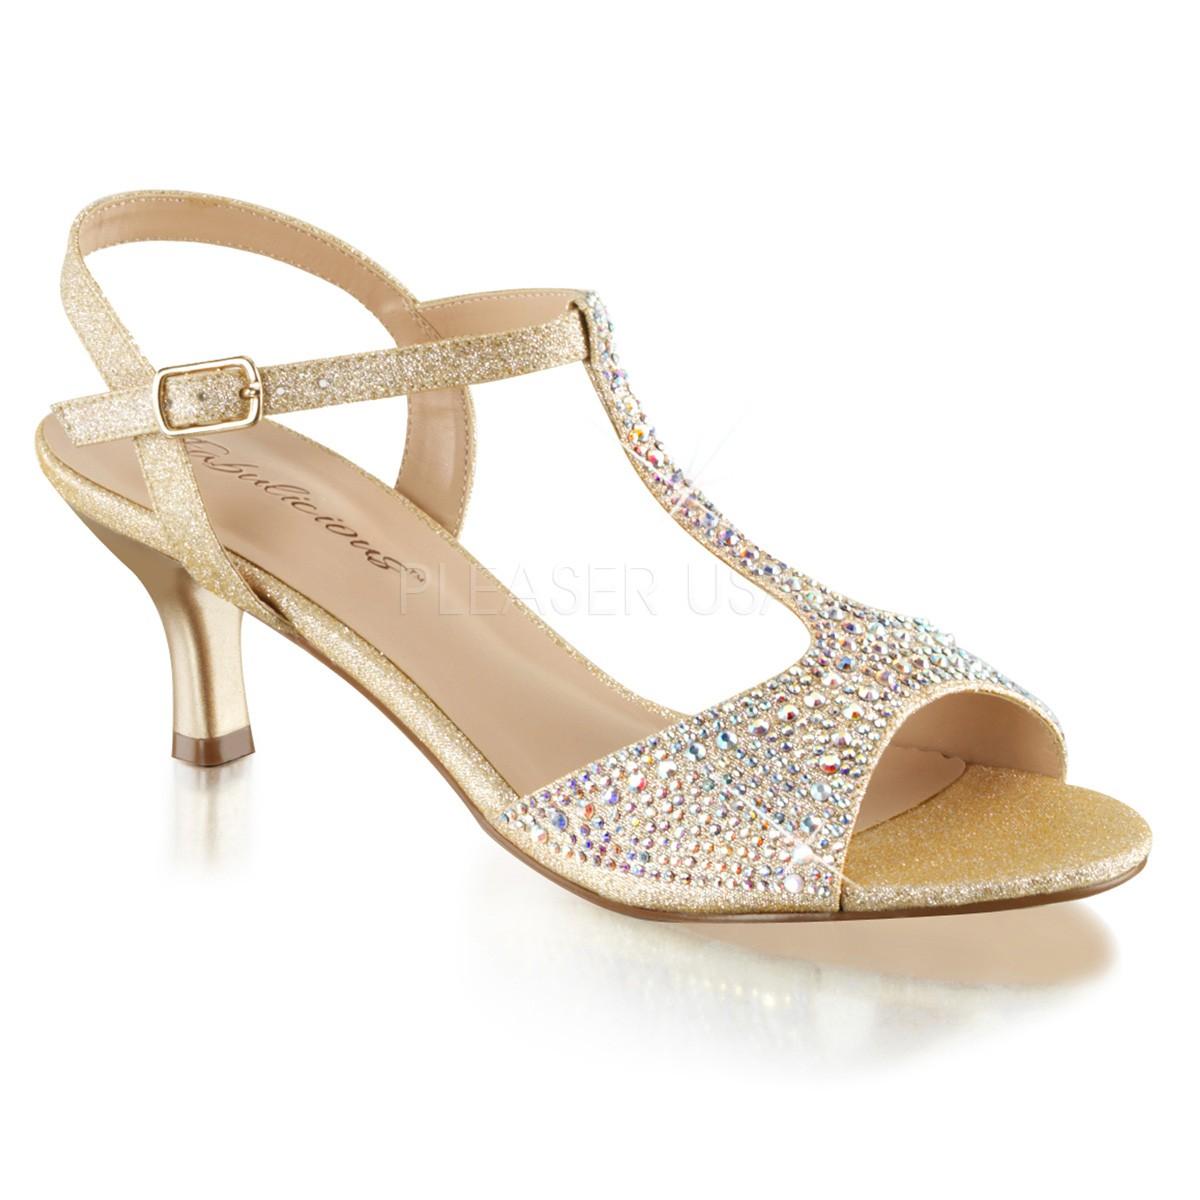 Nu-pieds habillés - Pointure : 40